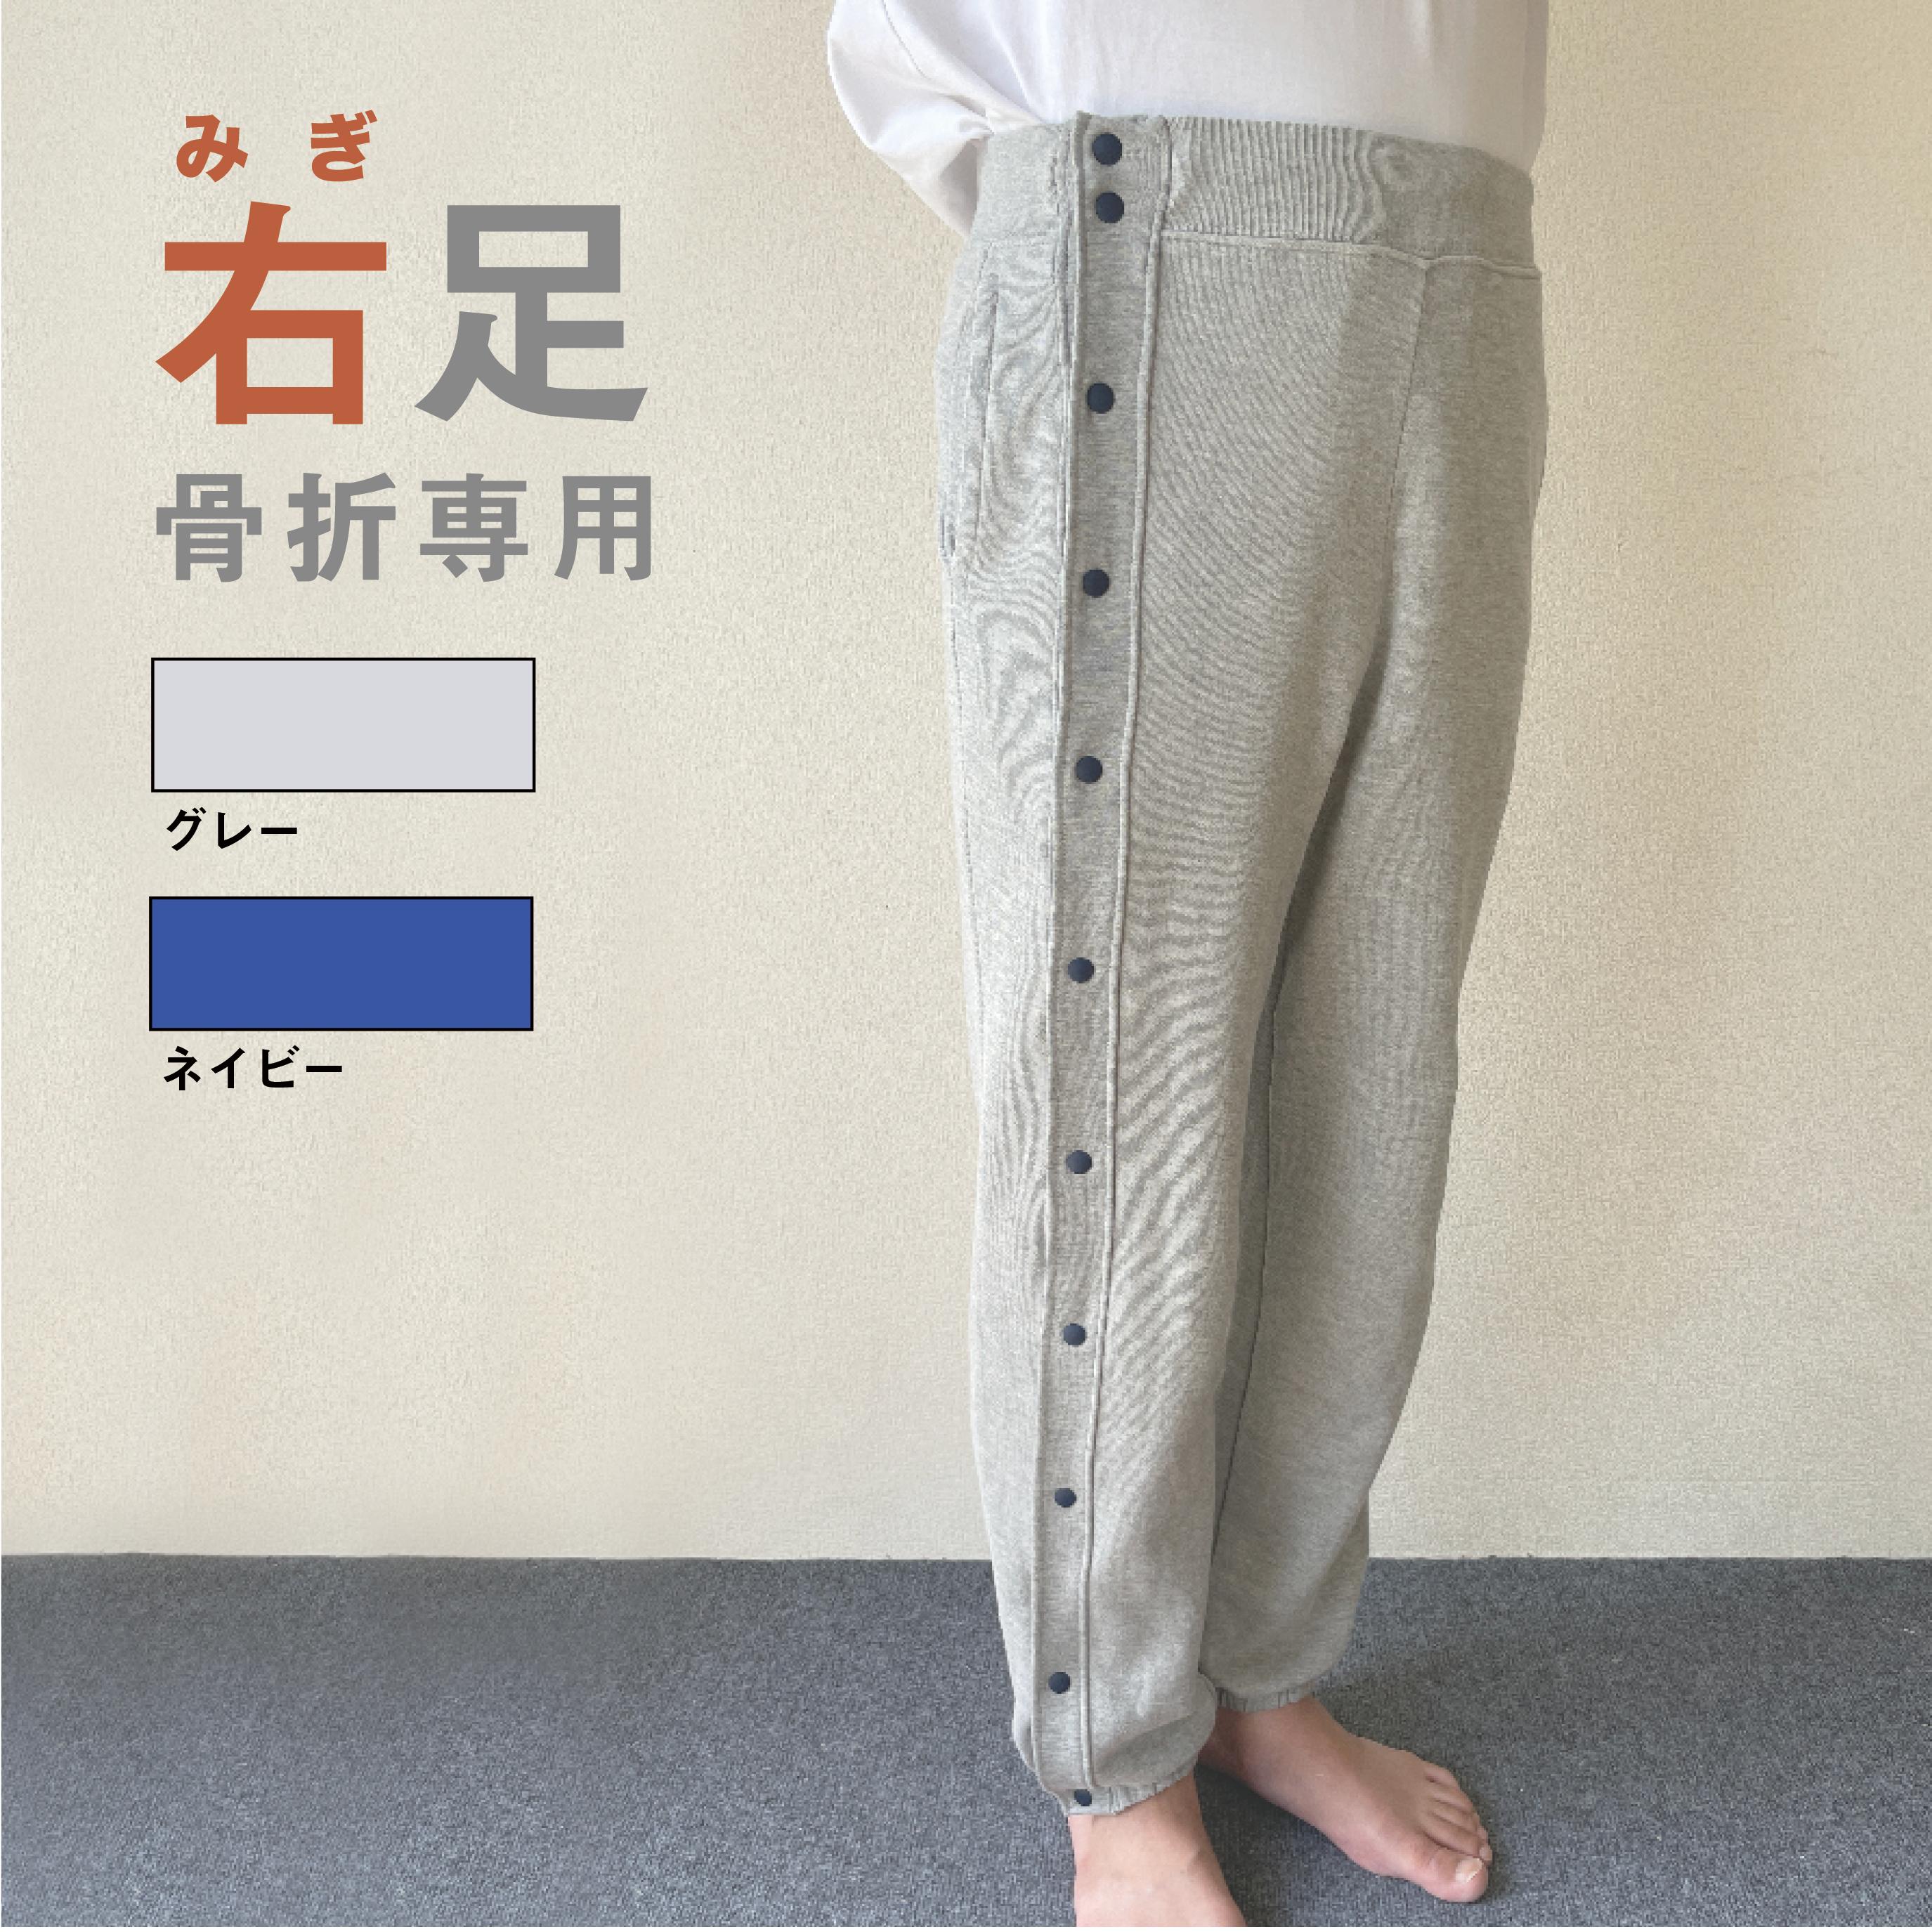 「右足」を骨折されている方専用 ズボン